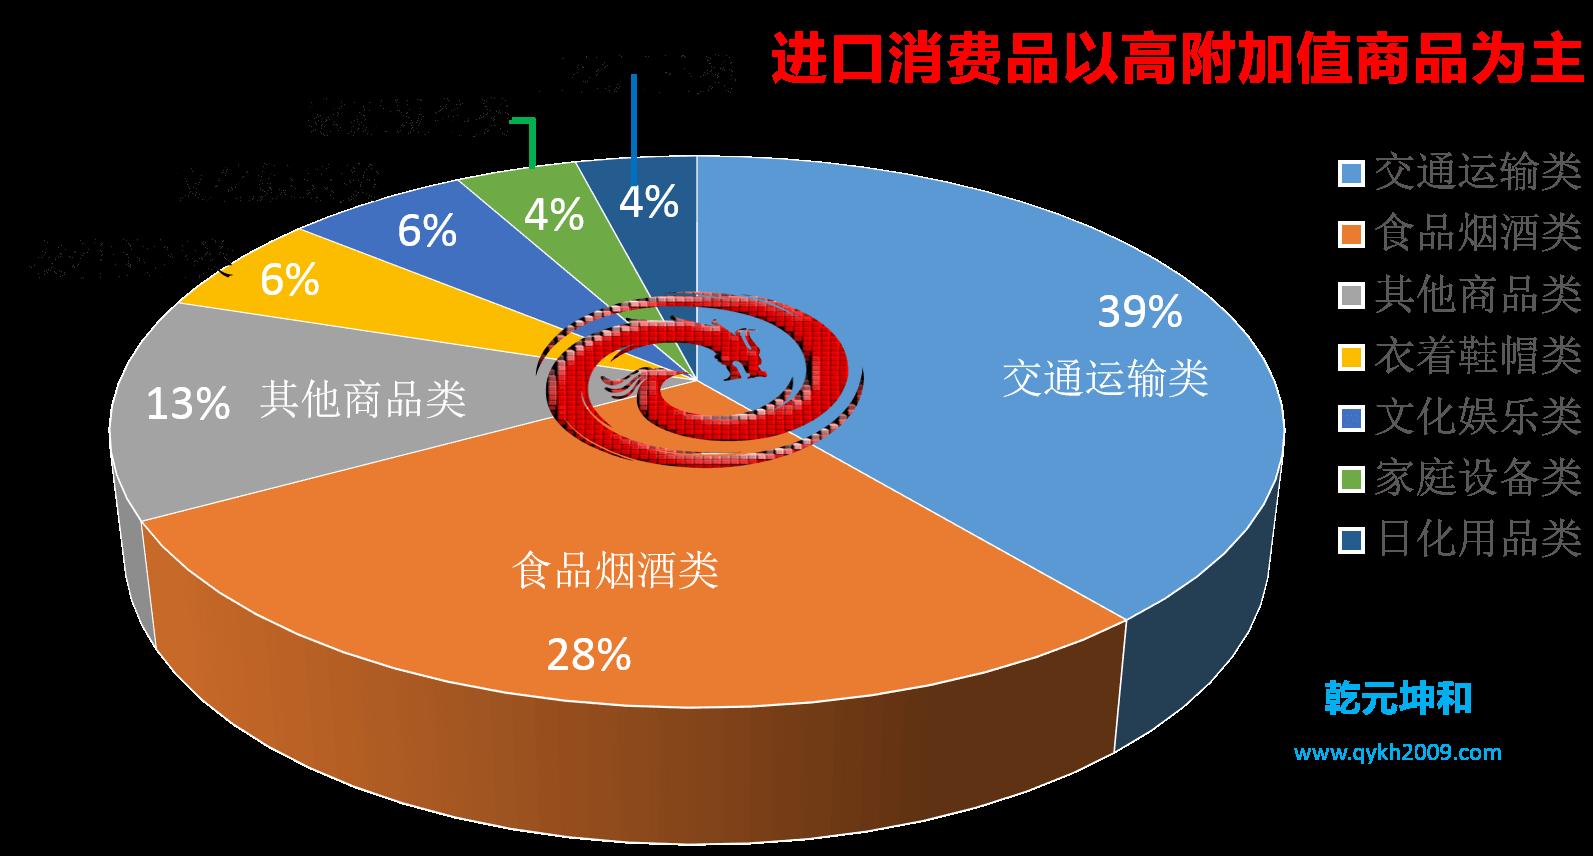 跨境电商进口消费数据